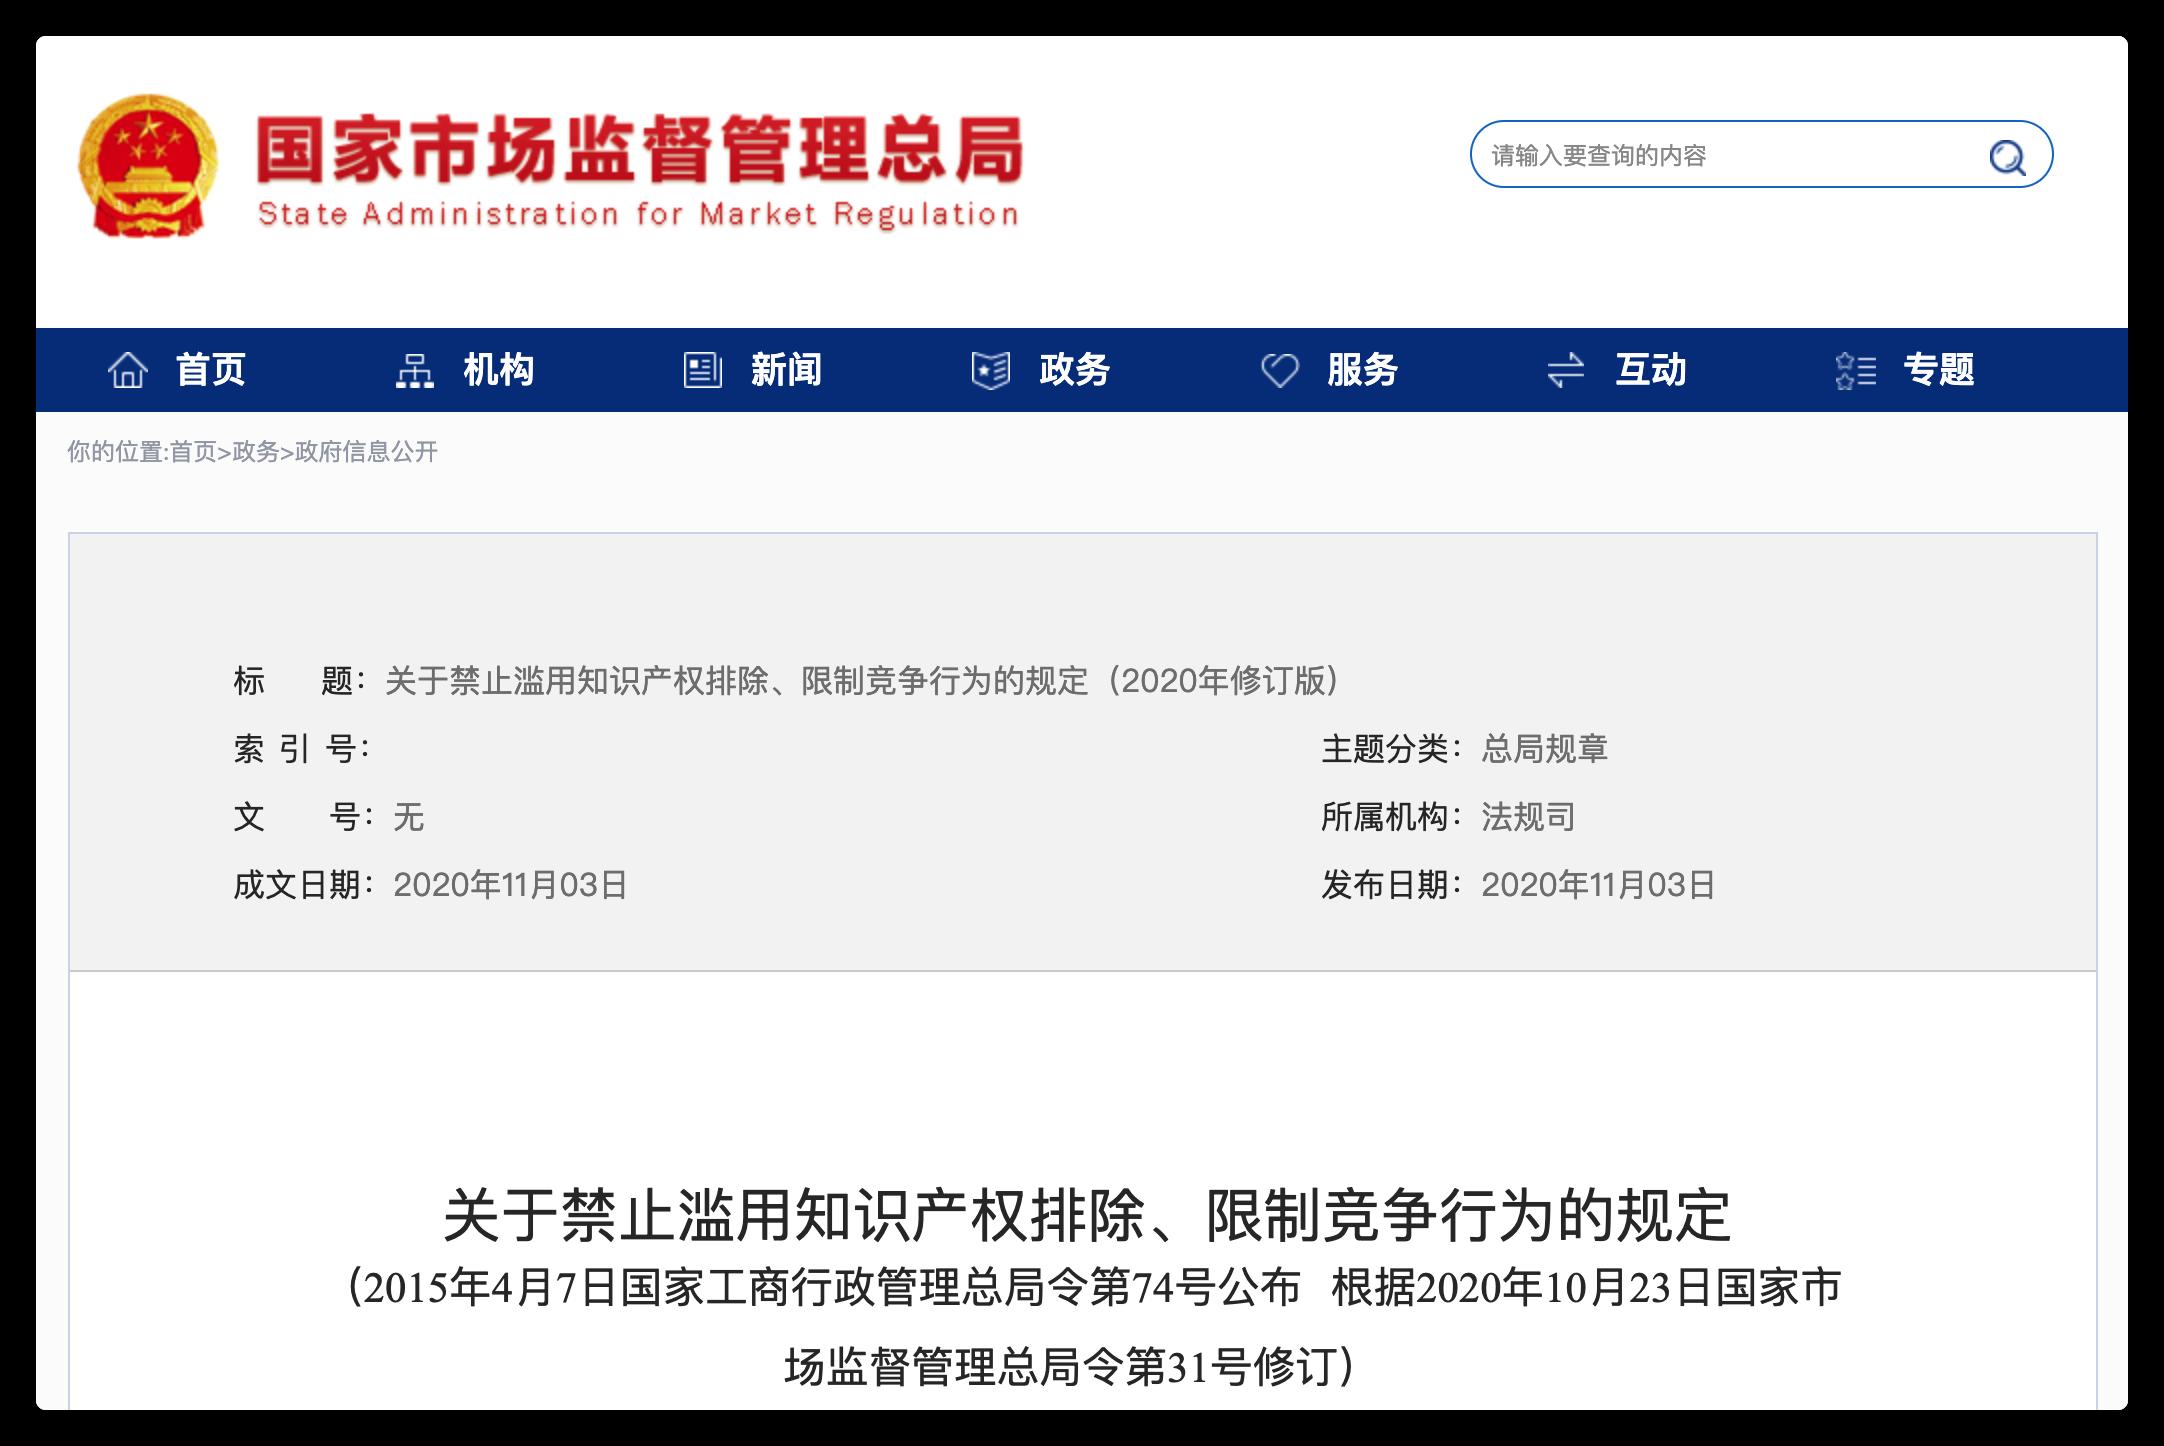 """[知产晨讯]11月5日:蚂蚁科技IPO被暂缓;关于禁止滥用知识产权排除、限制竞争行为的规定发布;""""懂王""""竟被注册为商标?"""